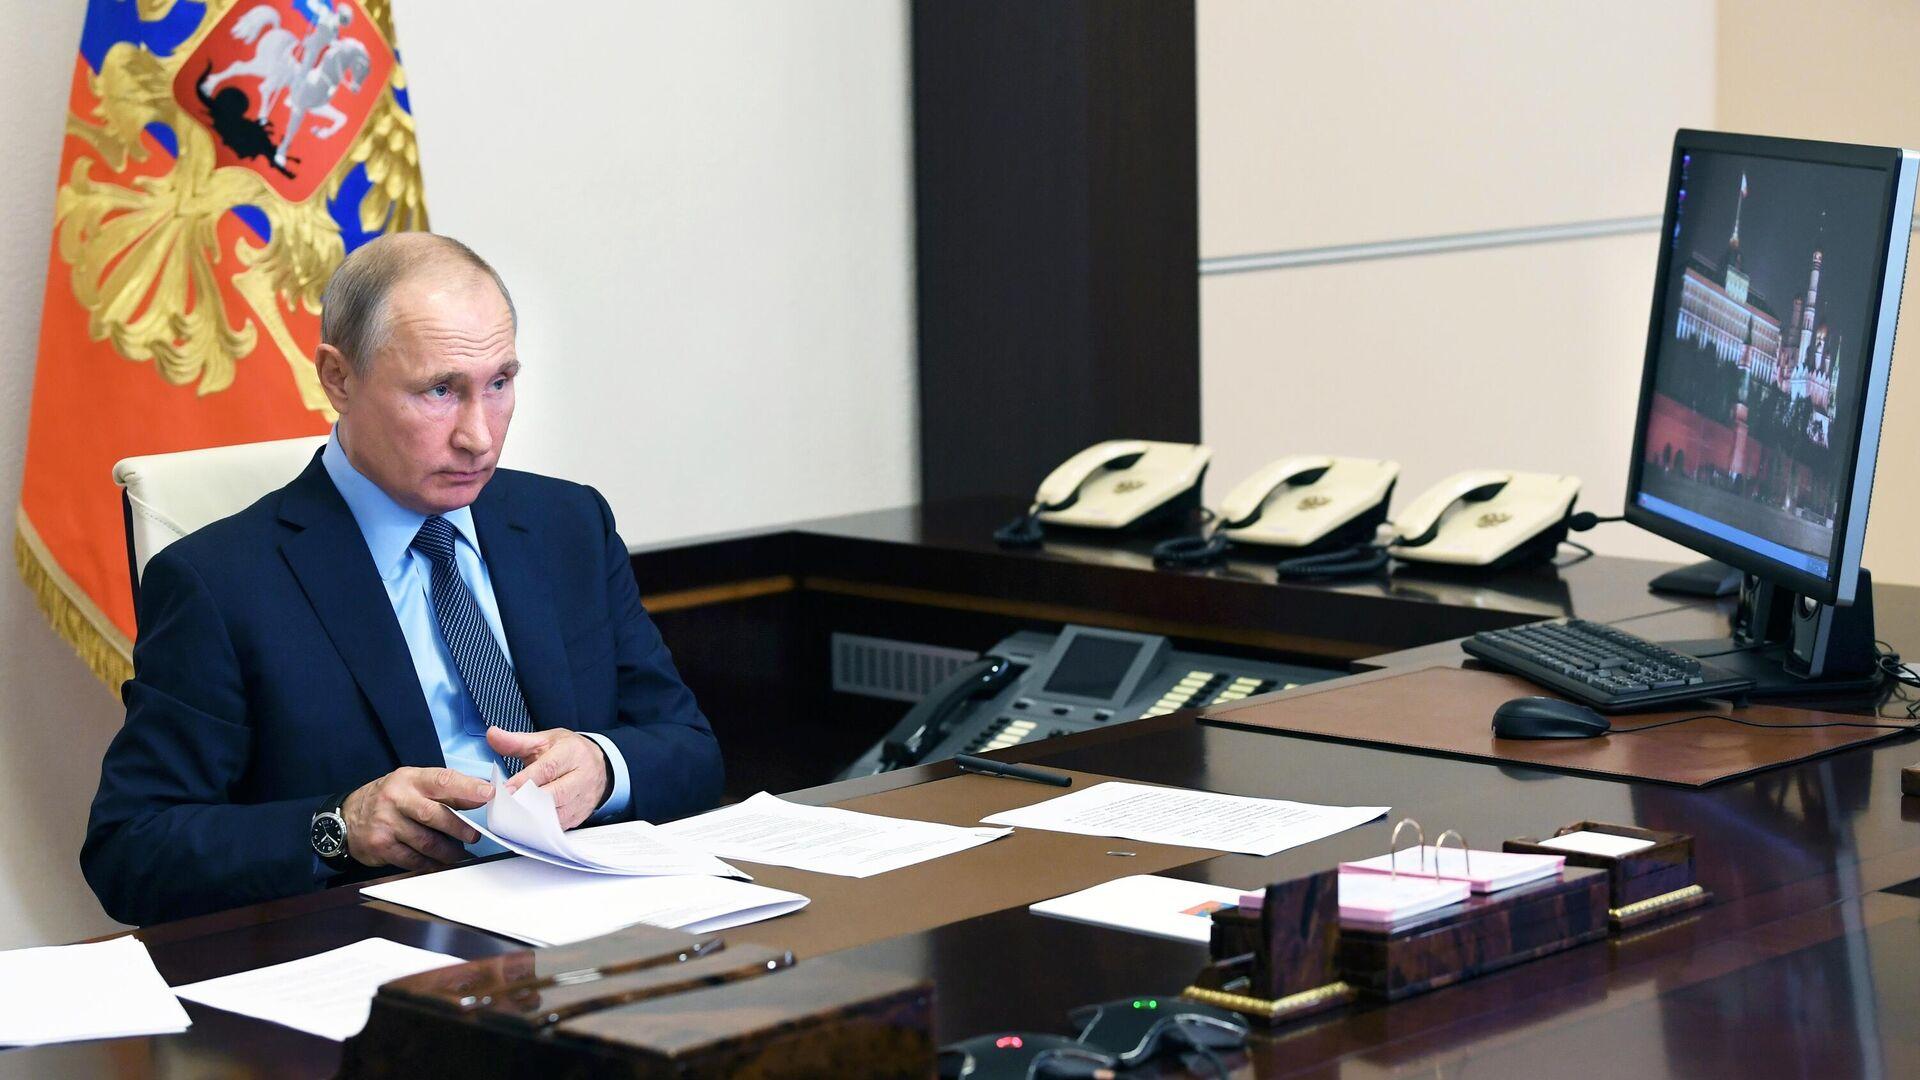 Президент РФ Владимир Путин во время встречи с медицинскими работниками в режиме видеоконференции - РИА Новости, 1920, 29.06.2020